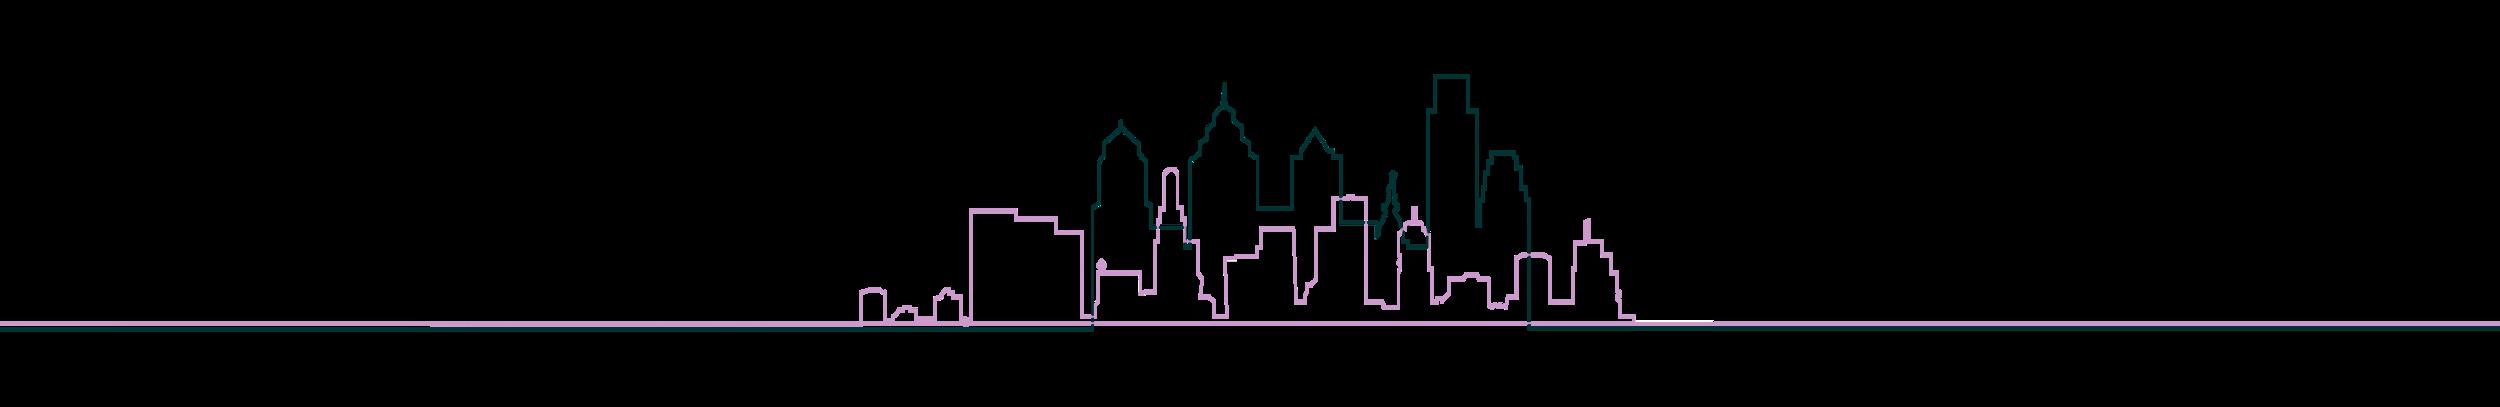 CityScape Copy.png